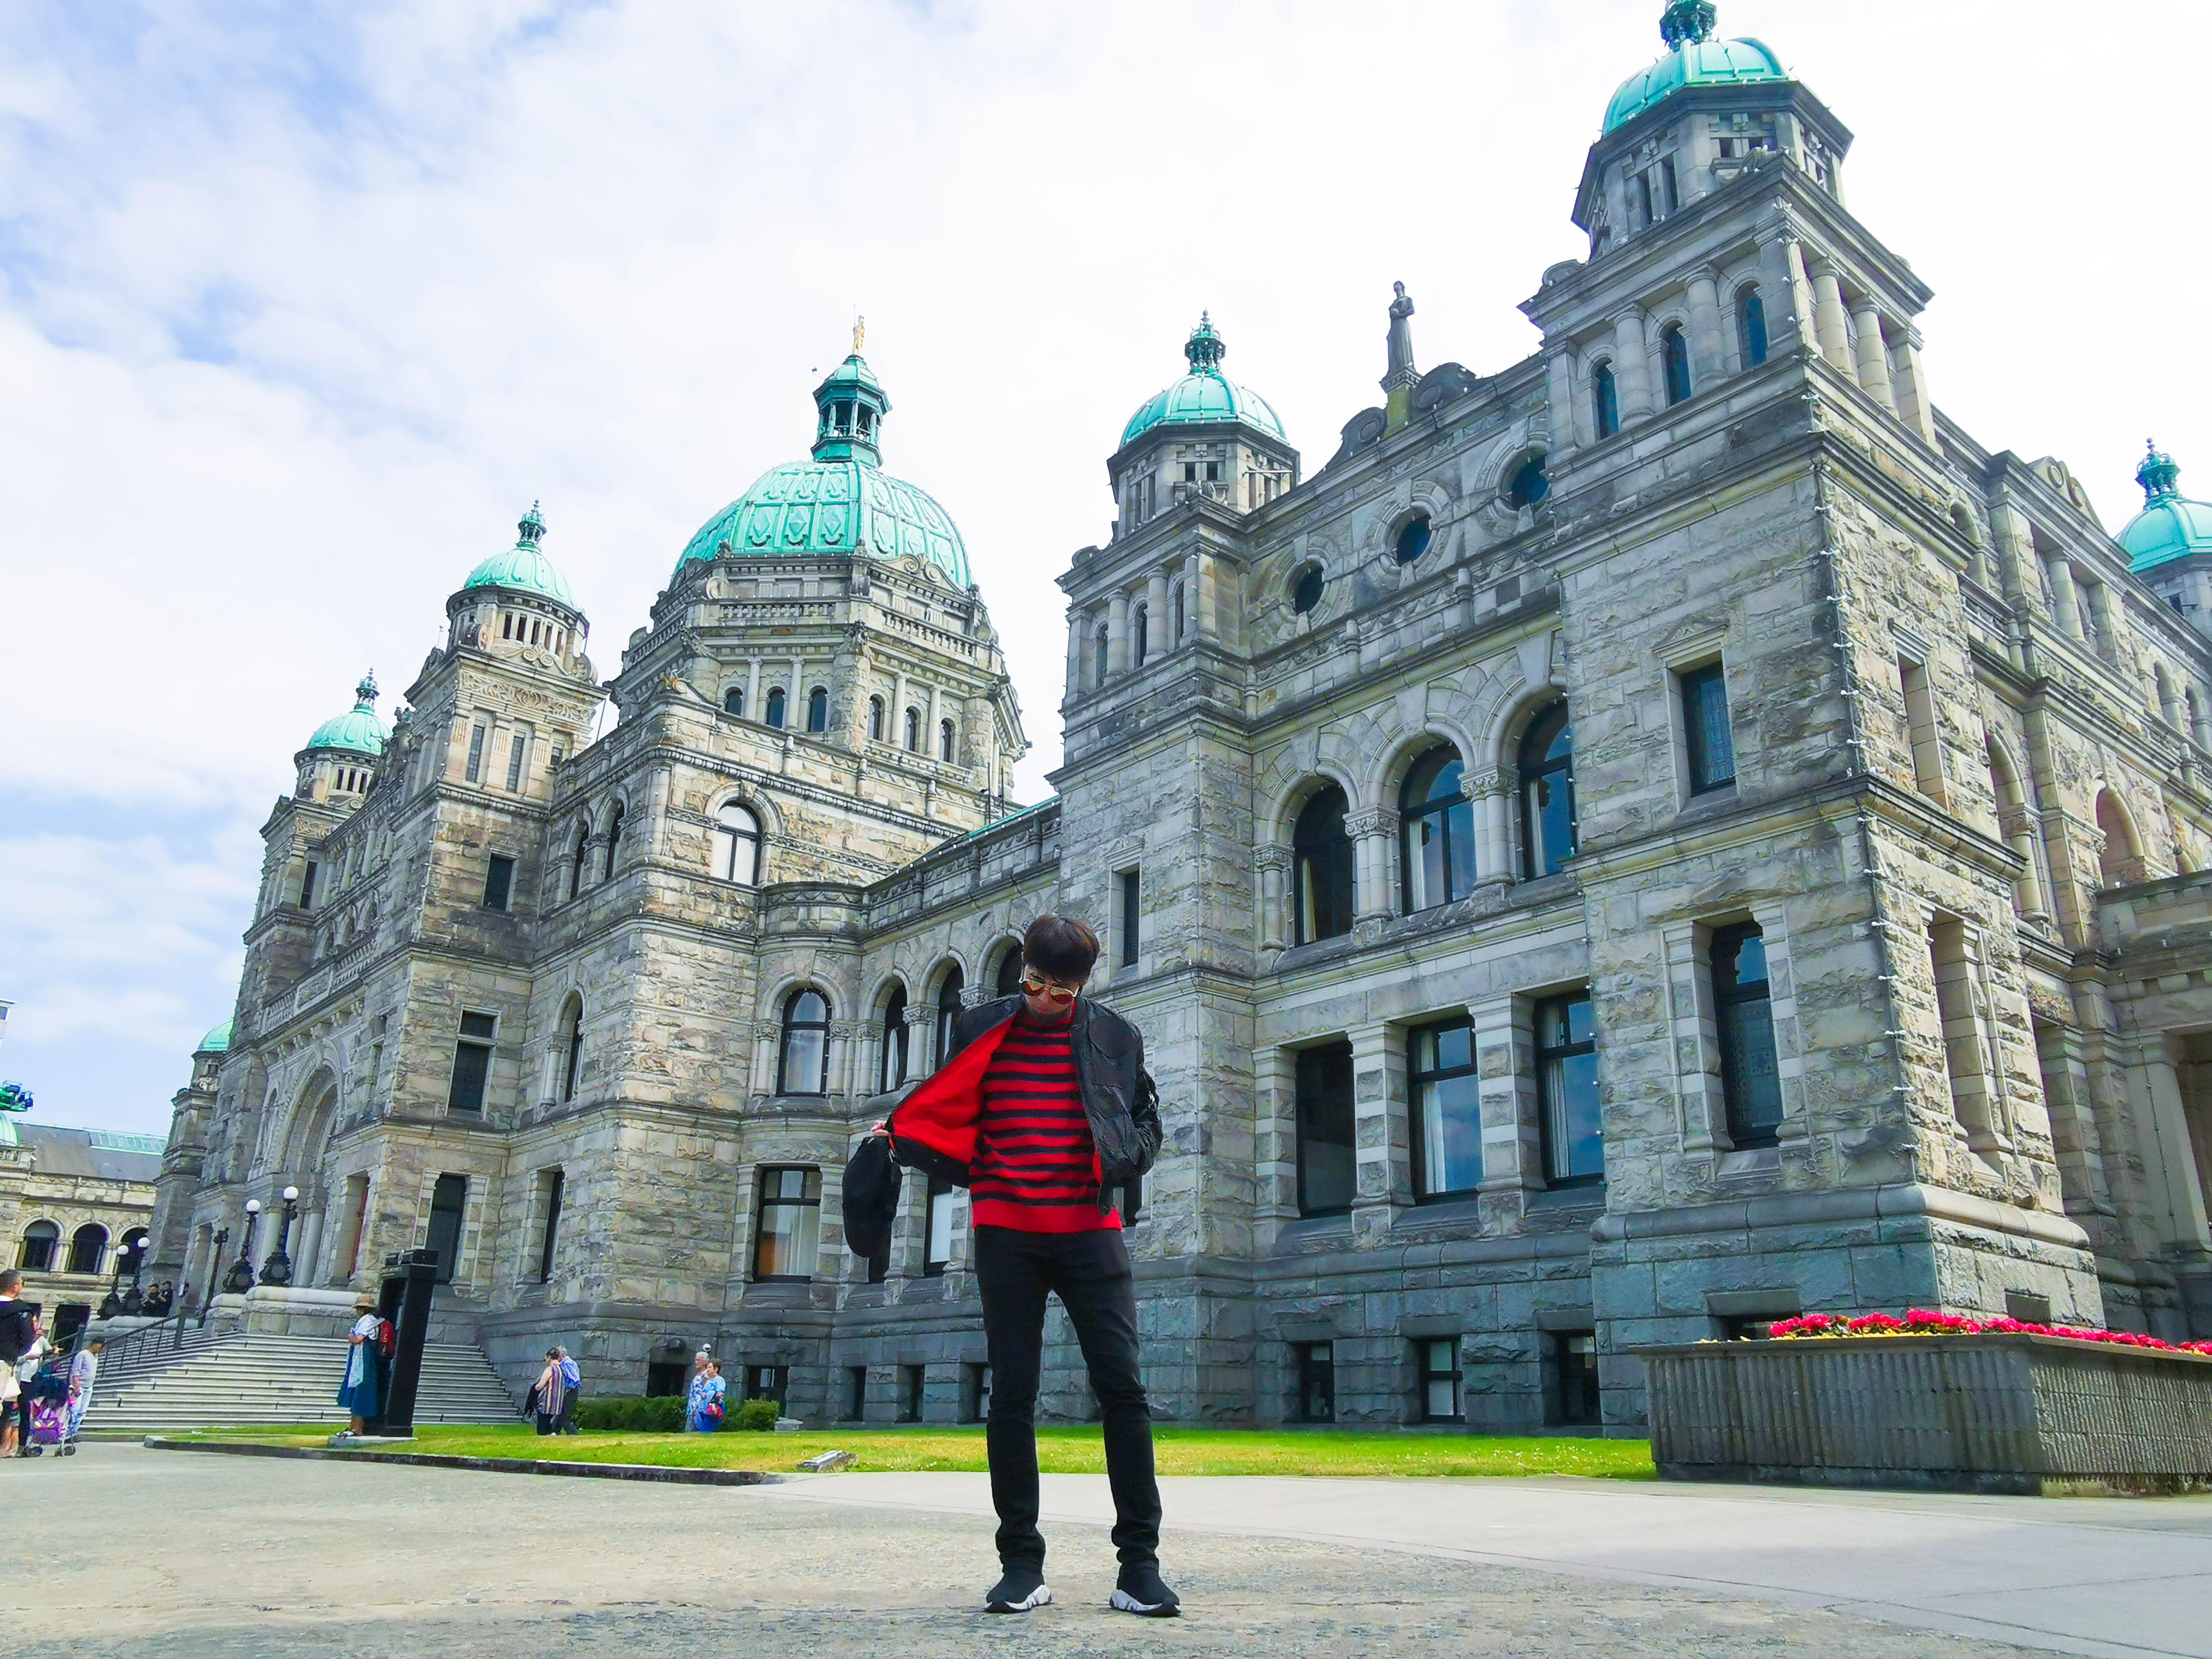 อาคารรัฐสภาในเมืองวิคตอเรีย เที่ยวแคนาดา ทัวร์แคนาดา